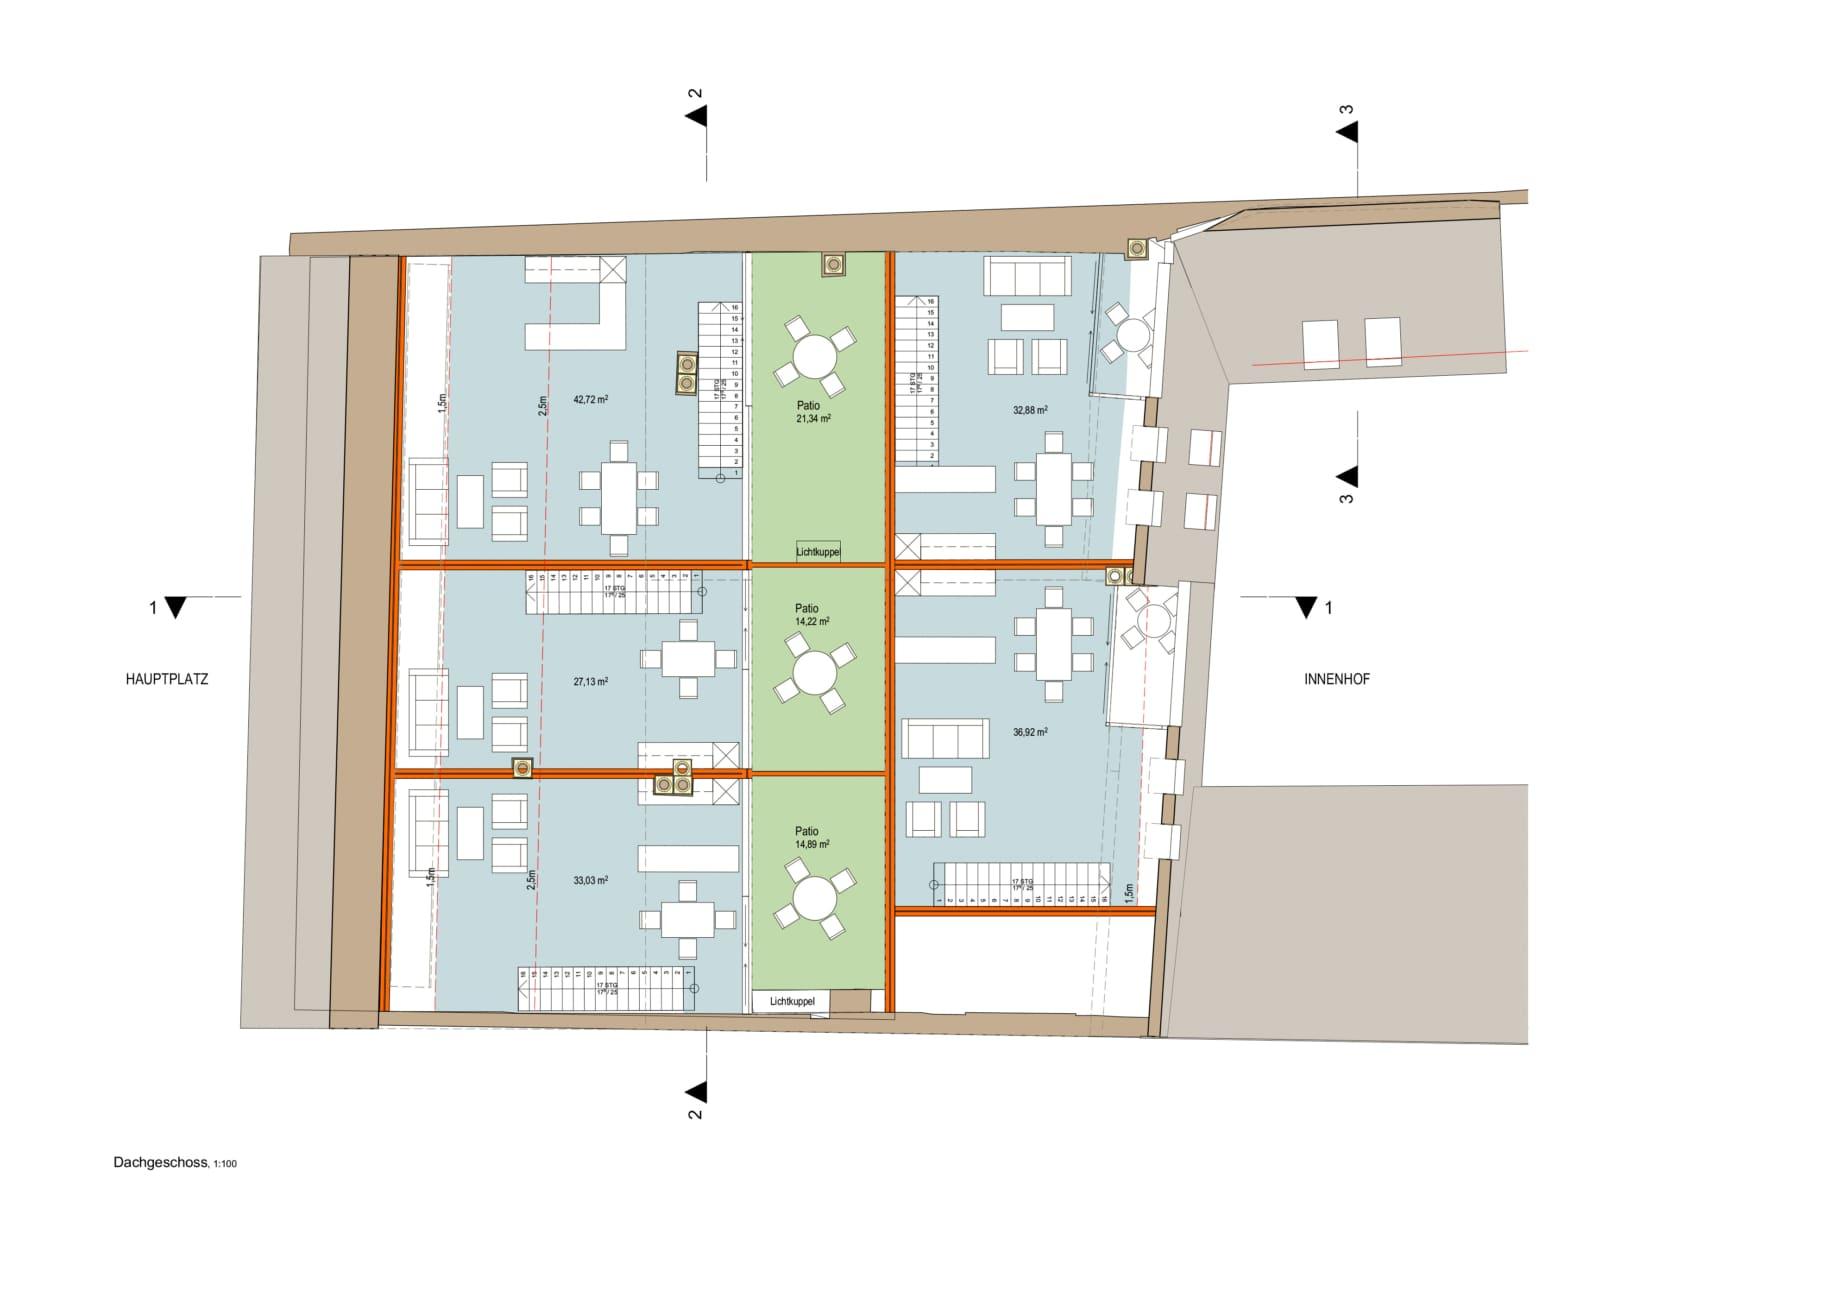 Grundriss, ansicht, linz, architekt, umbau, im bestand, sanieren, dachausbau